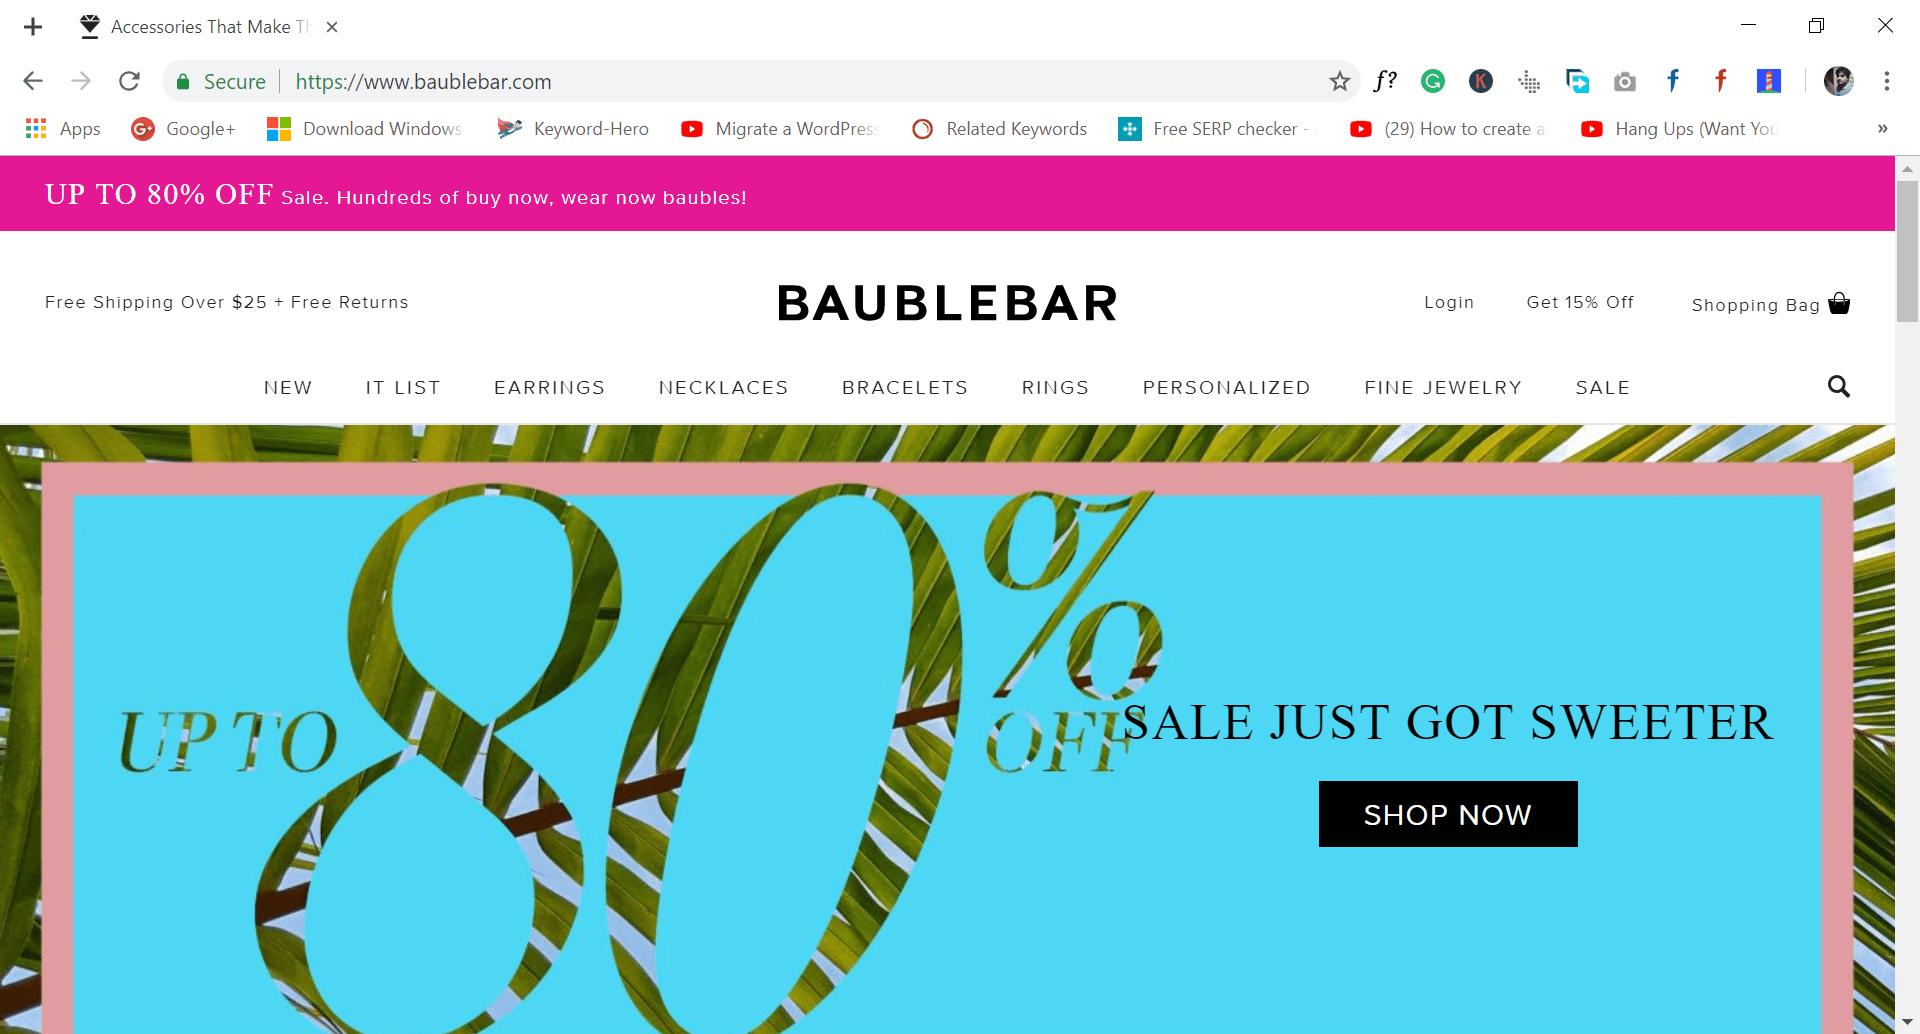 baublebar - site like wish.com